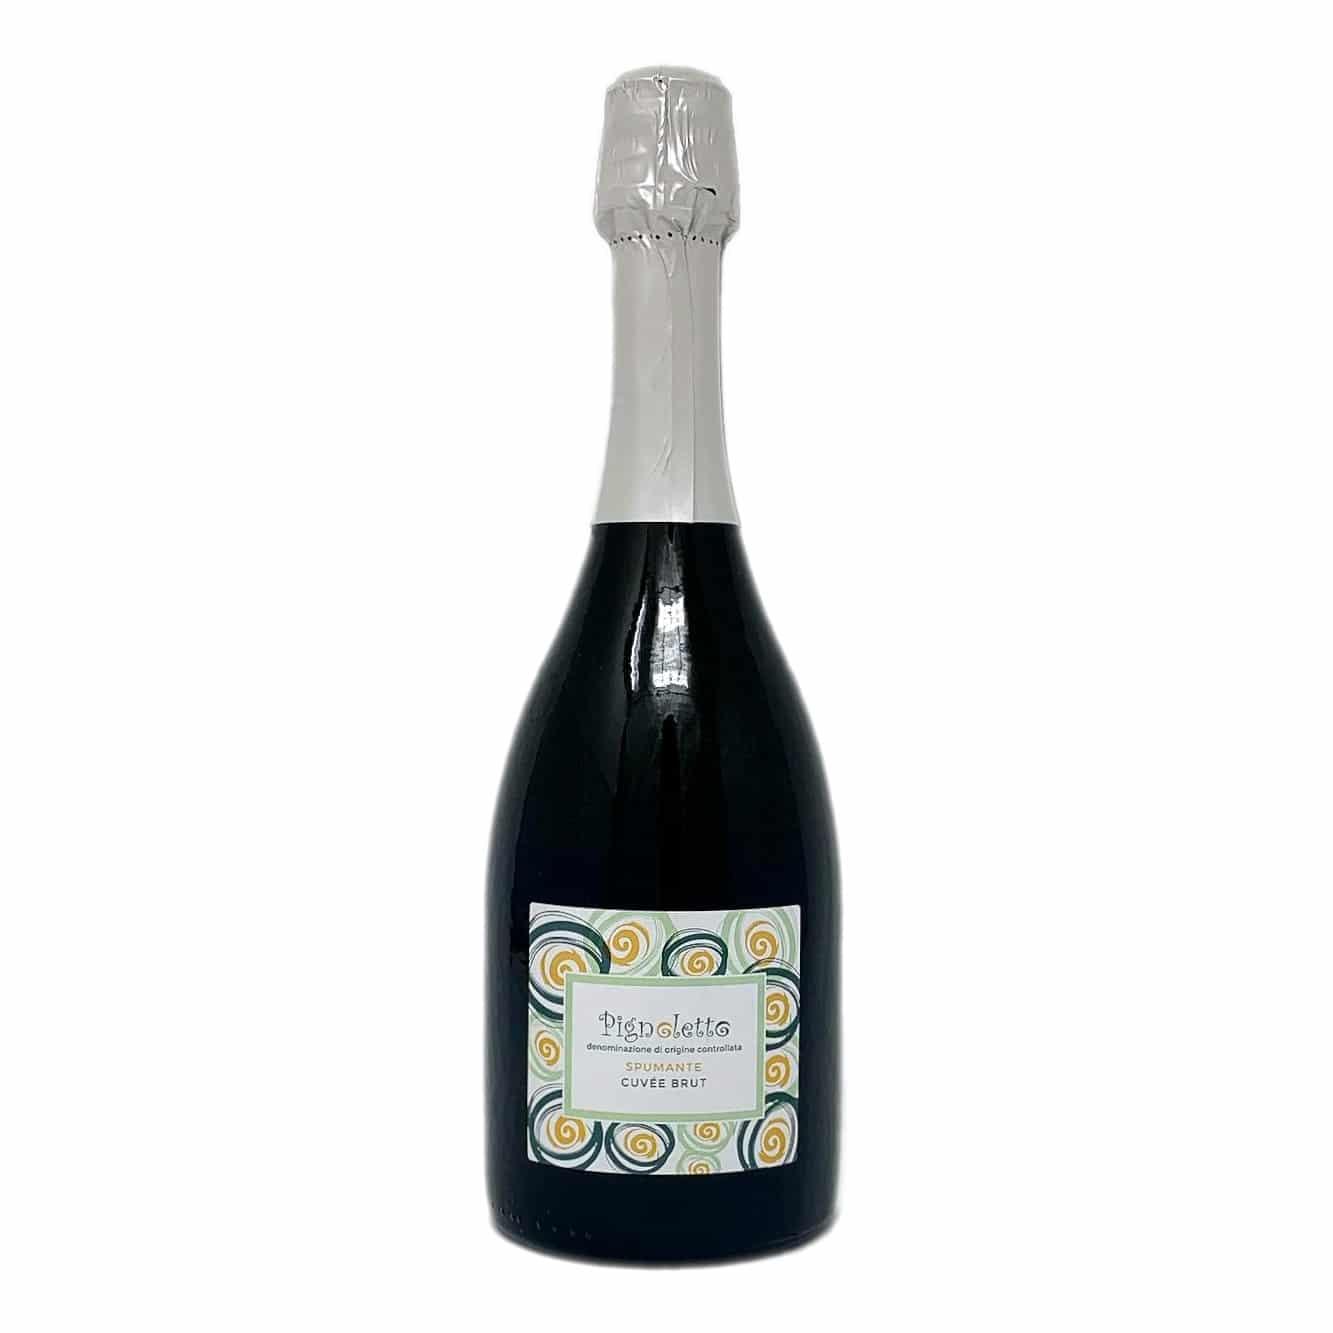 PIGNOLETTO Spumante Cuvée Brut Le Rocche Malatestiane